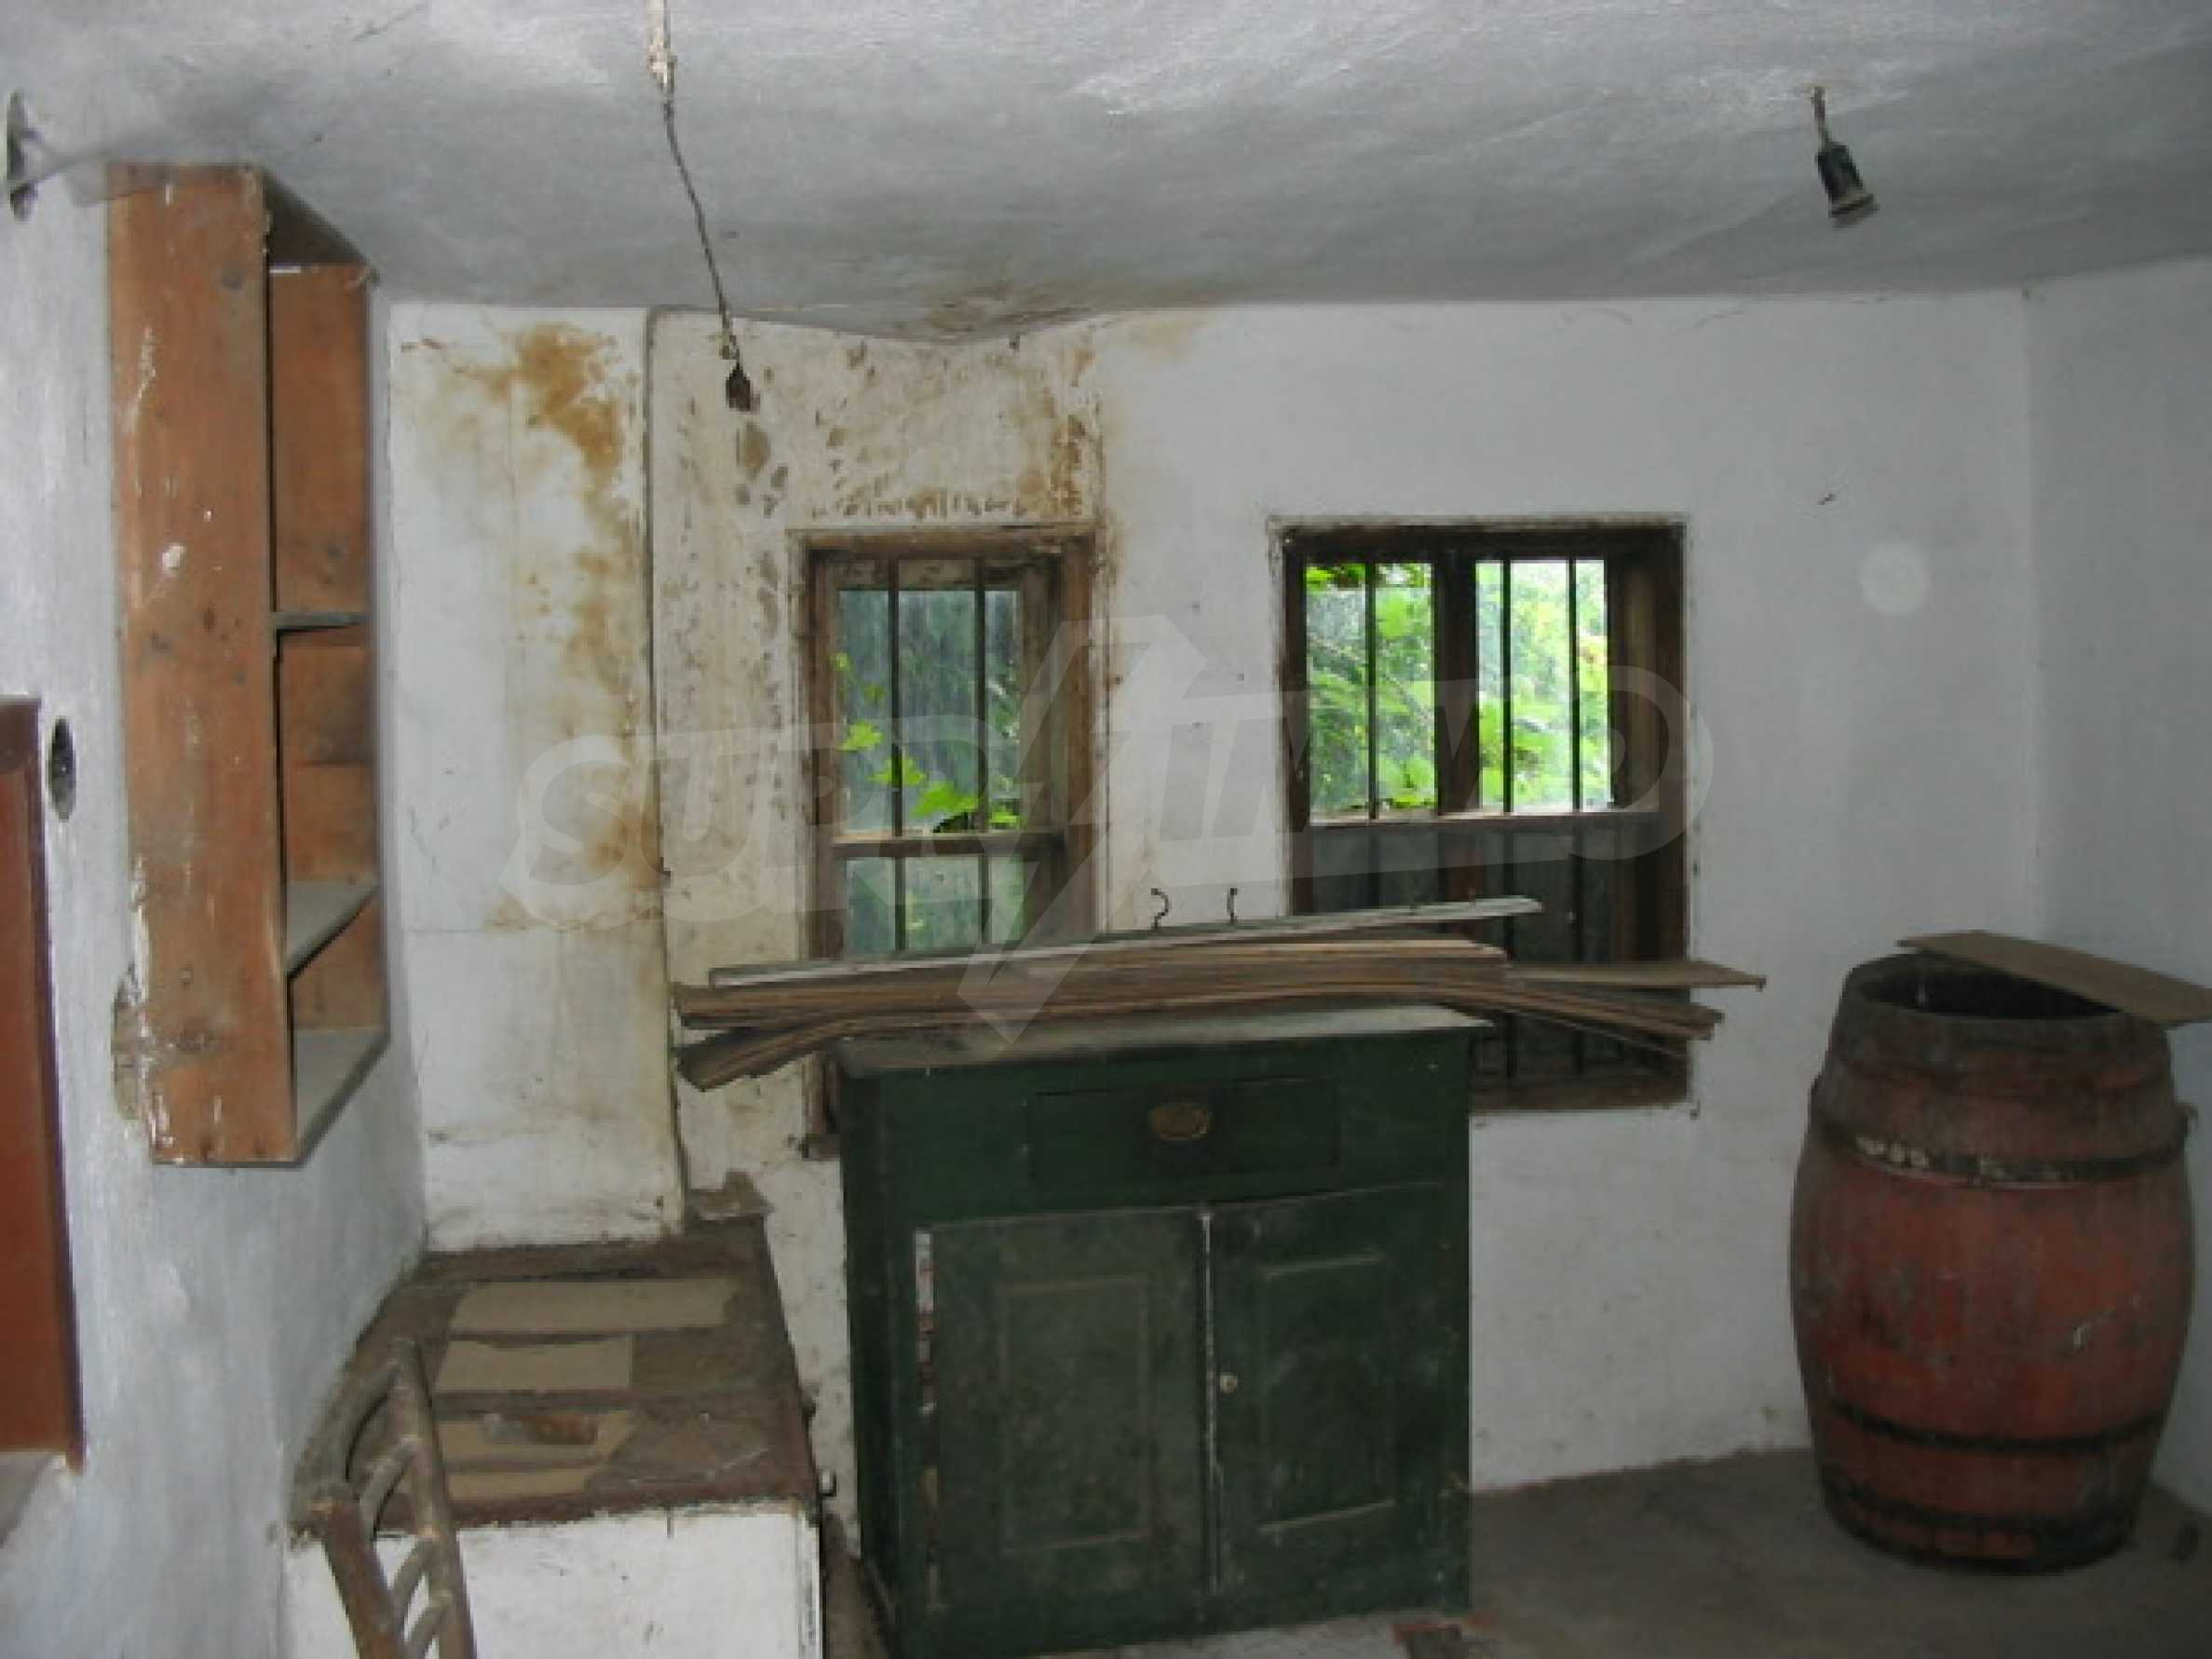 Селски имот в сърцето на Балкана  2